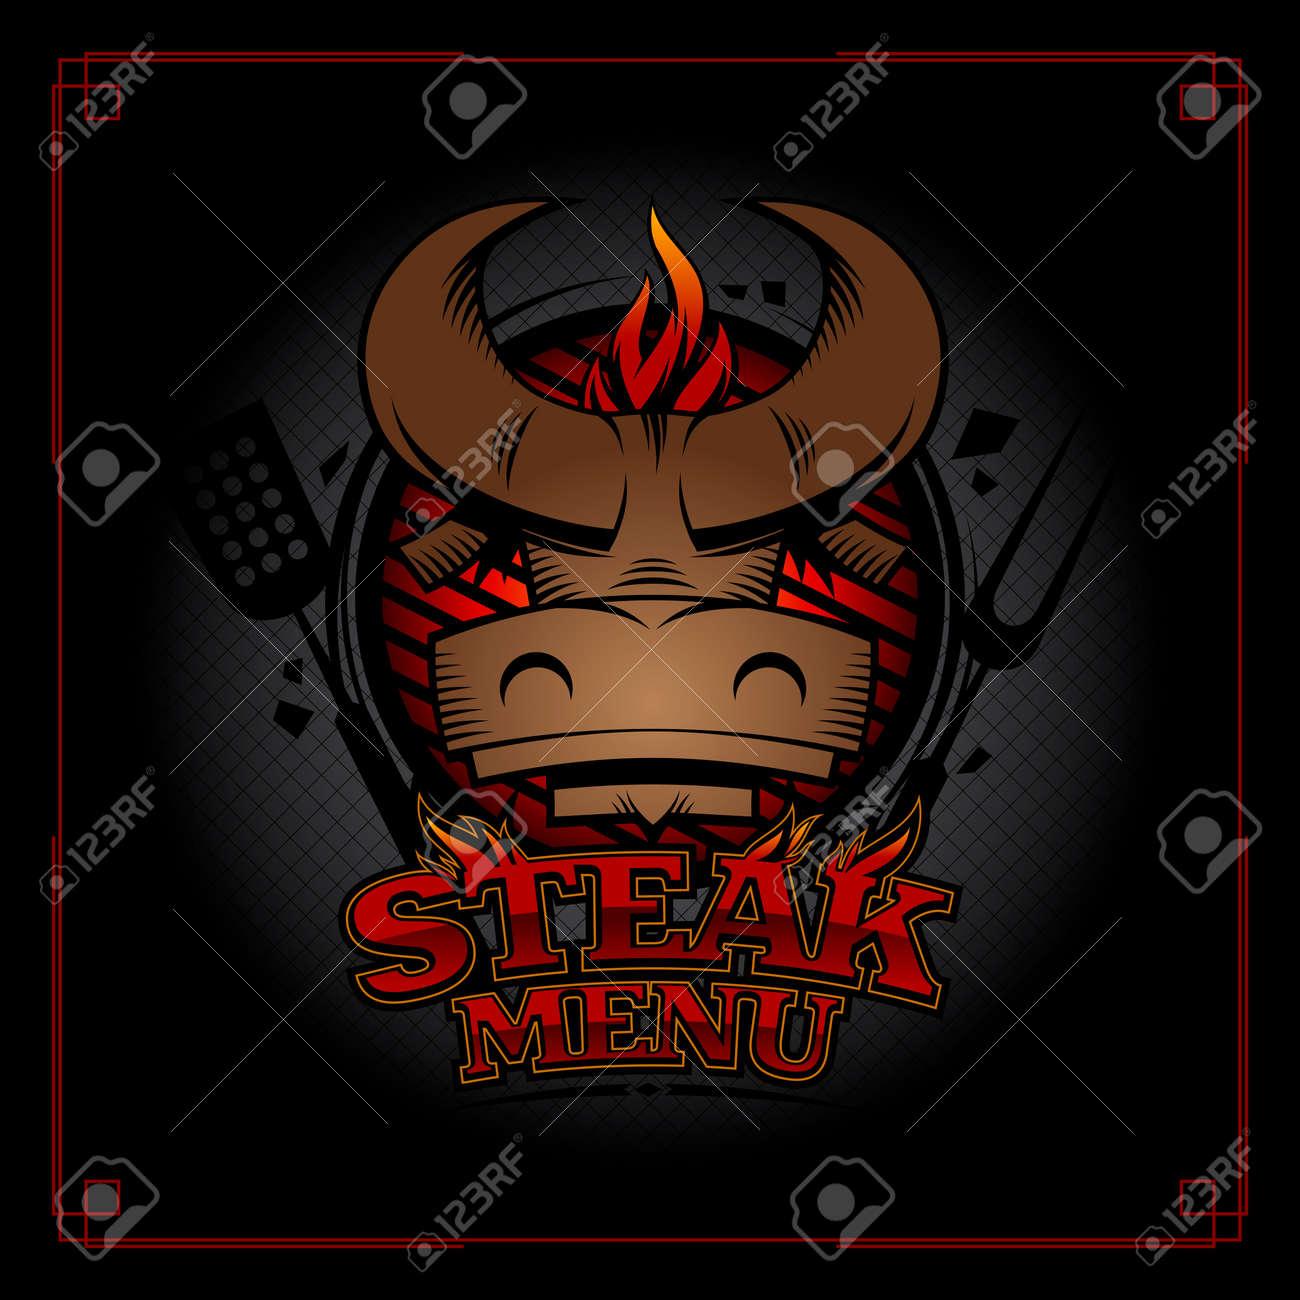 Steak Menu Cover Design Concept With Bull Head Barbecue Grill